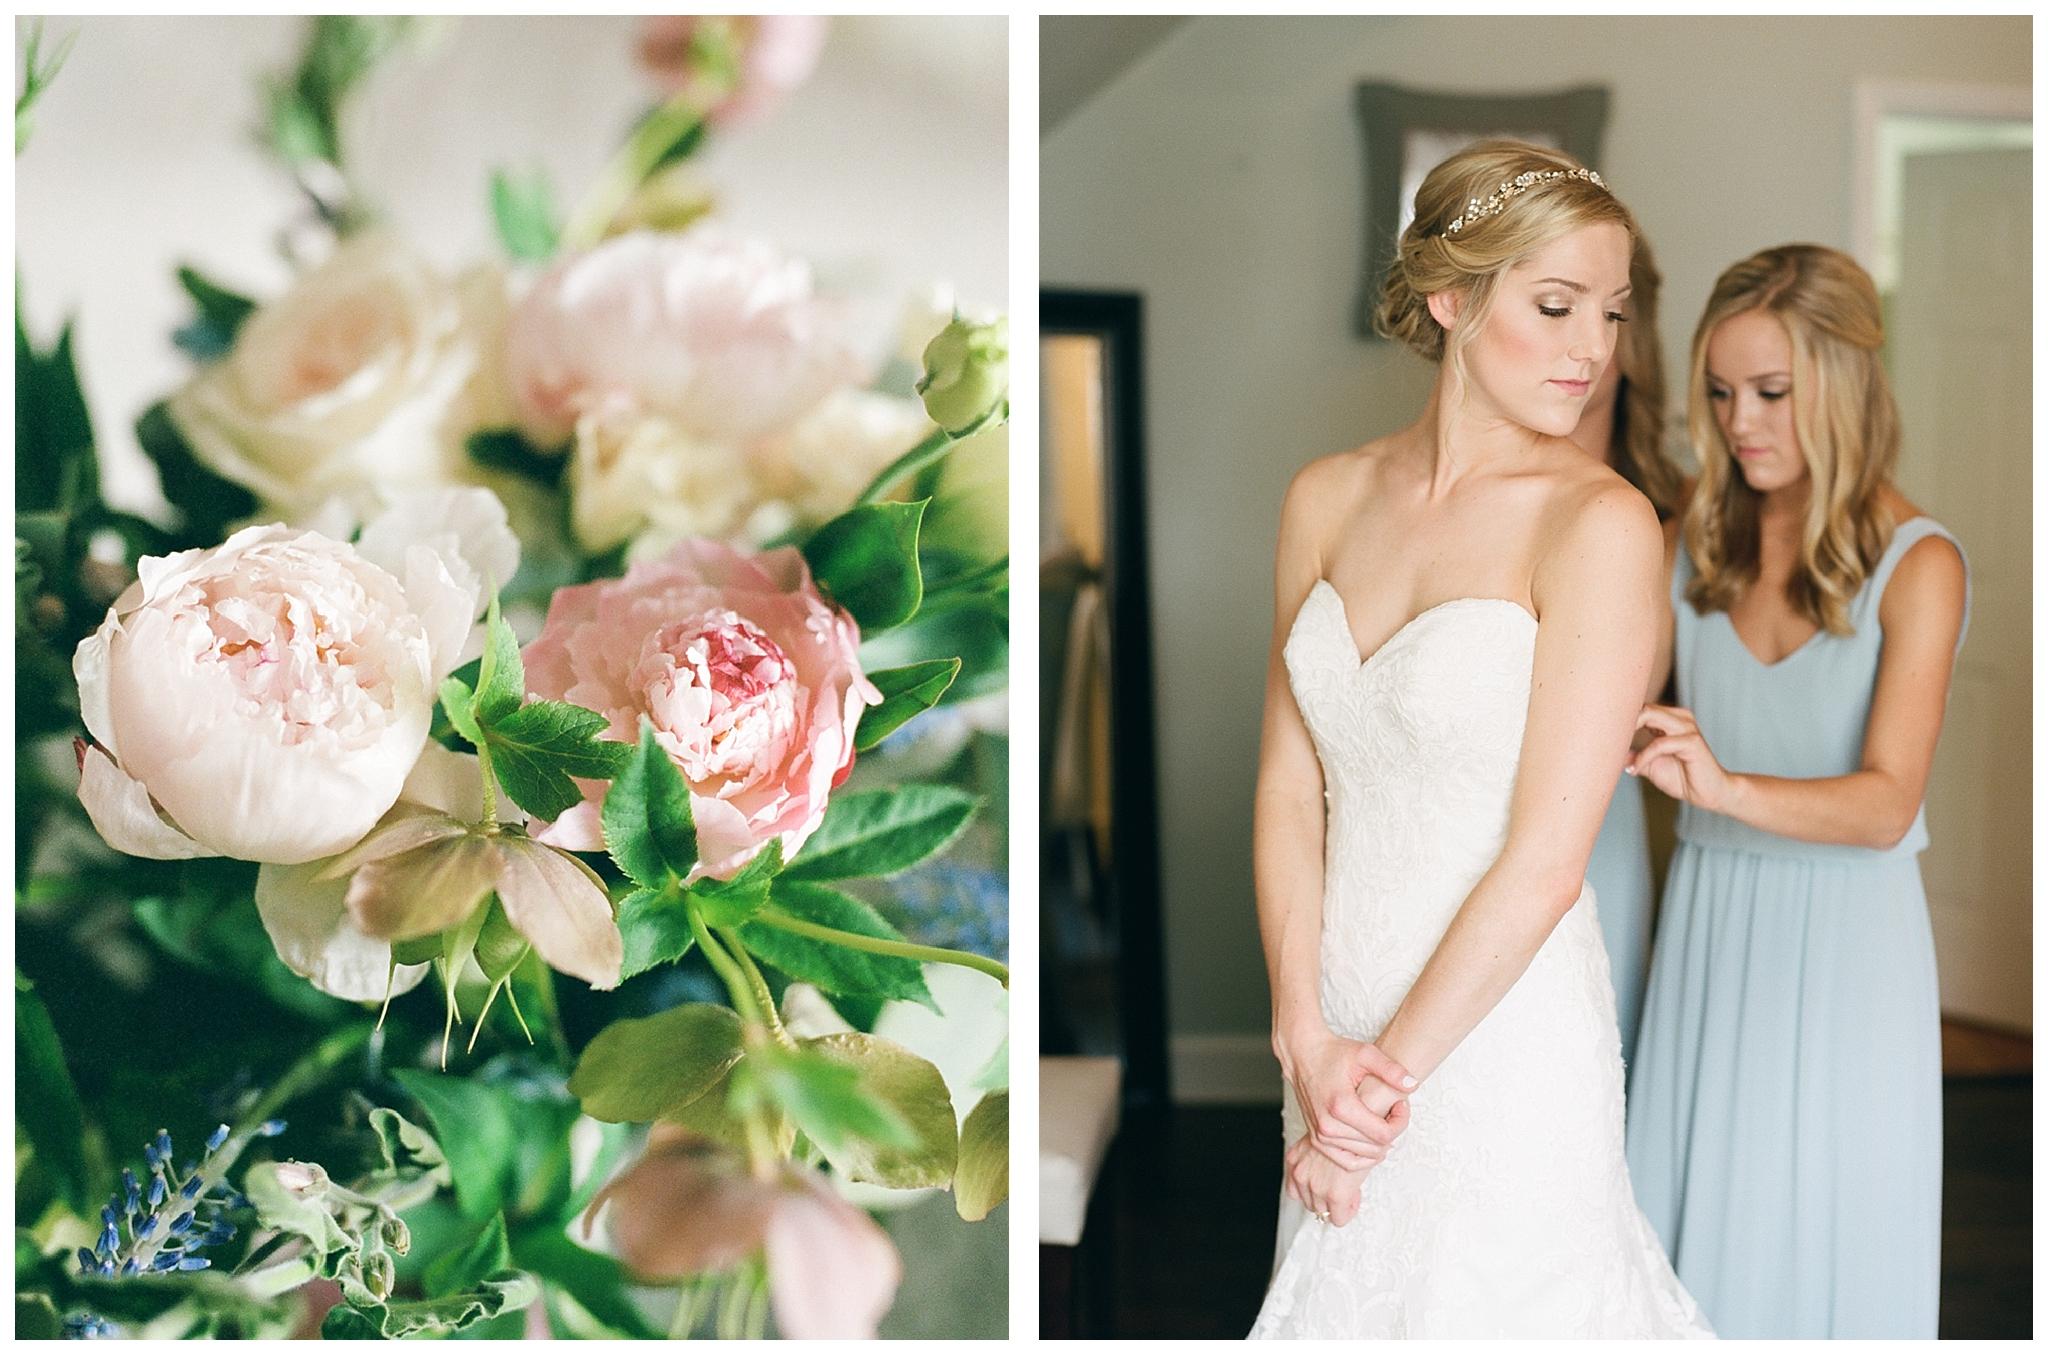 white-oaks-barn-dahlonega-wedding-photographer-christina-pugh_0007.jpg